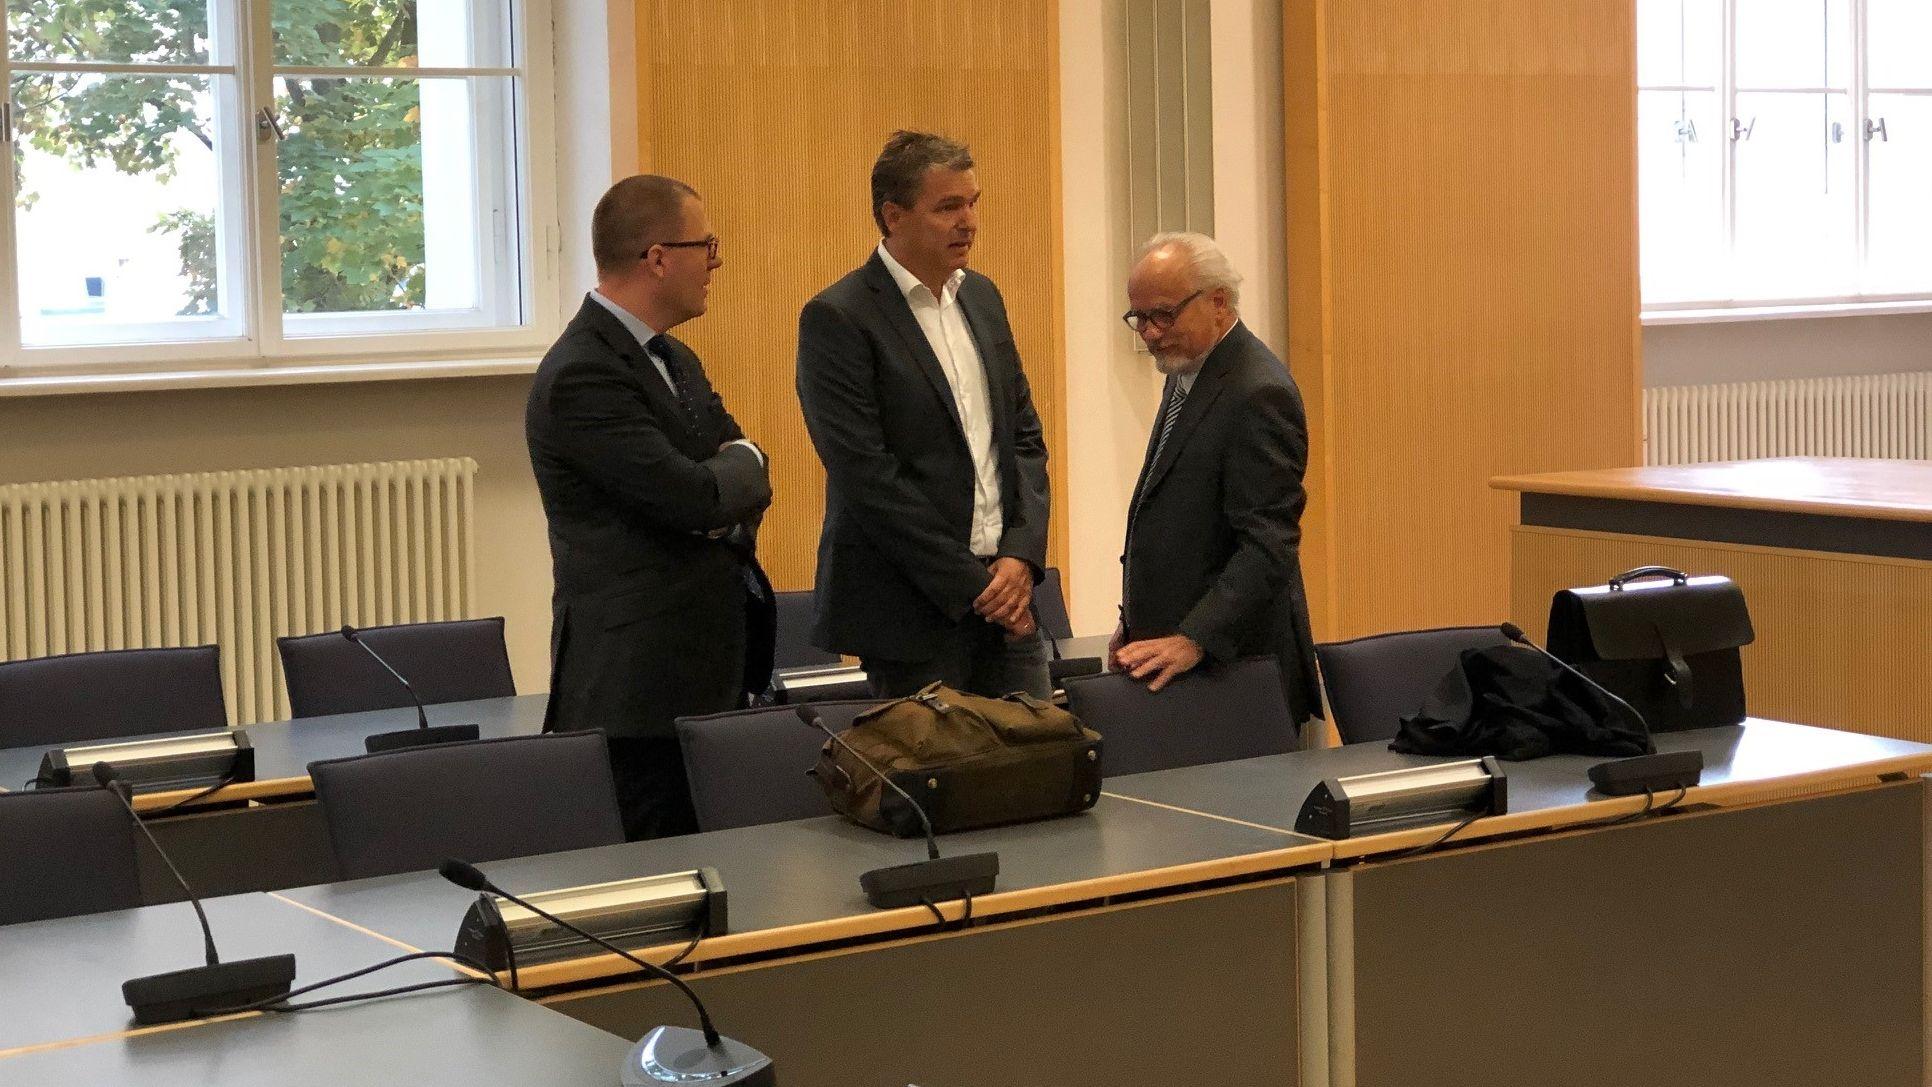 Der Angeklagte Stefan Pohlmann mit seinen Anwälten im Gerichtssaal.